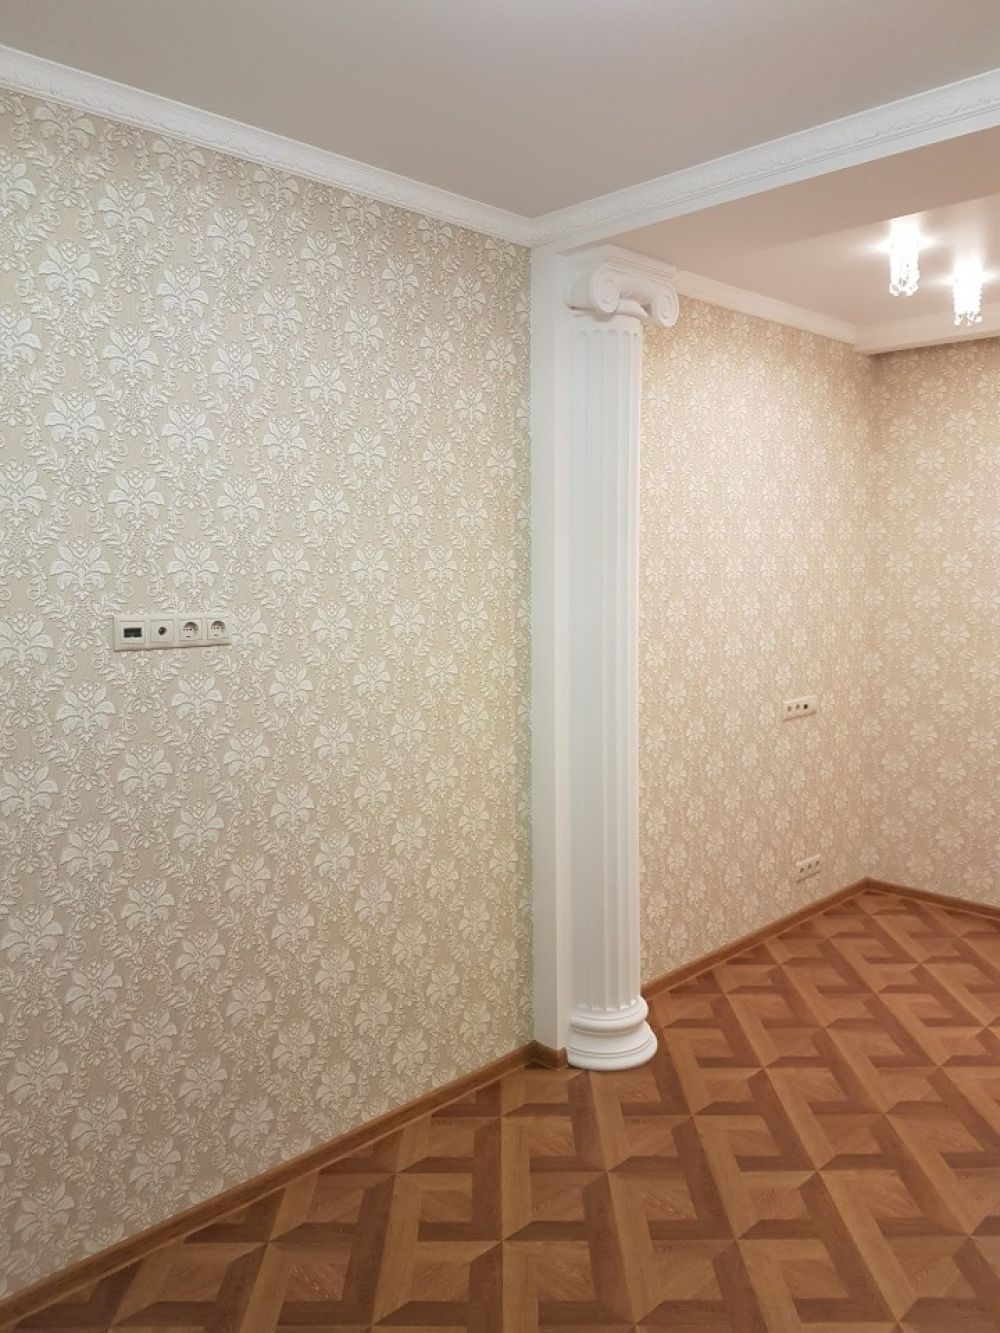 2-комнатная квартира п.Свердловский ЖК Лукино-Варино ул.Заречная д.3., фото 14